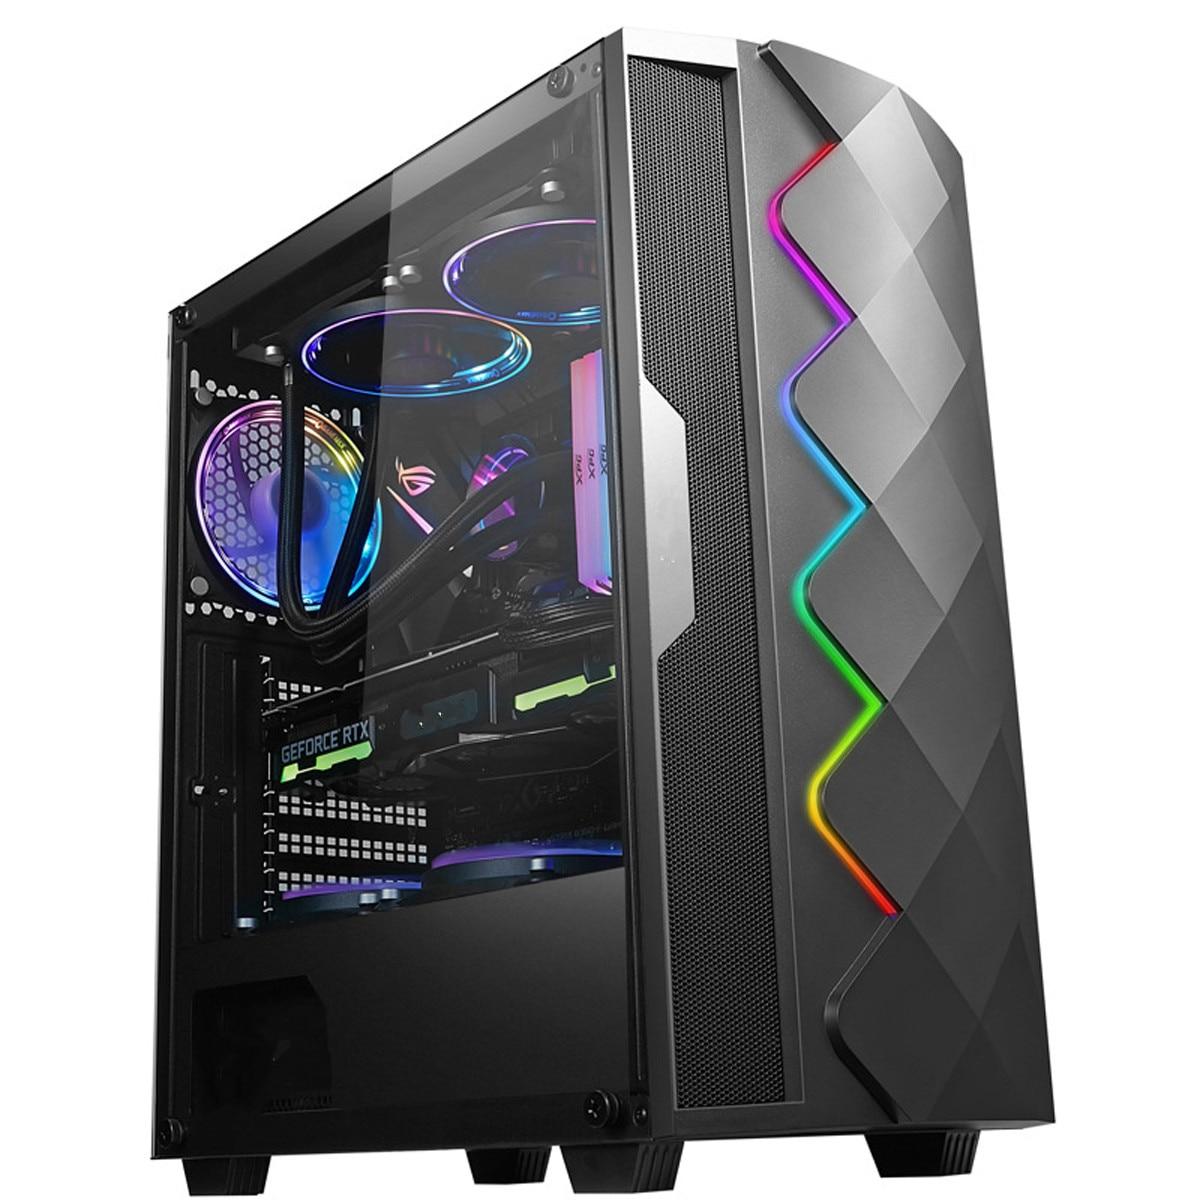 8 ventilateurs verre trempé concours électrique boîtier PC refroidissement par eau avec lumière rvb Support de carte graphique Support ATX/MATX/ITX